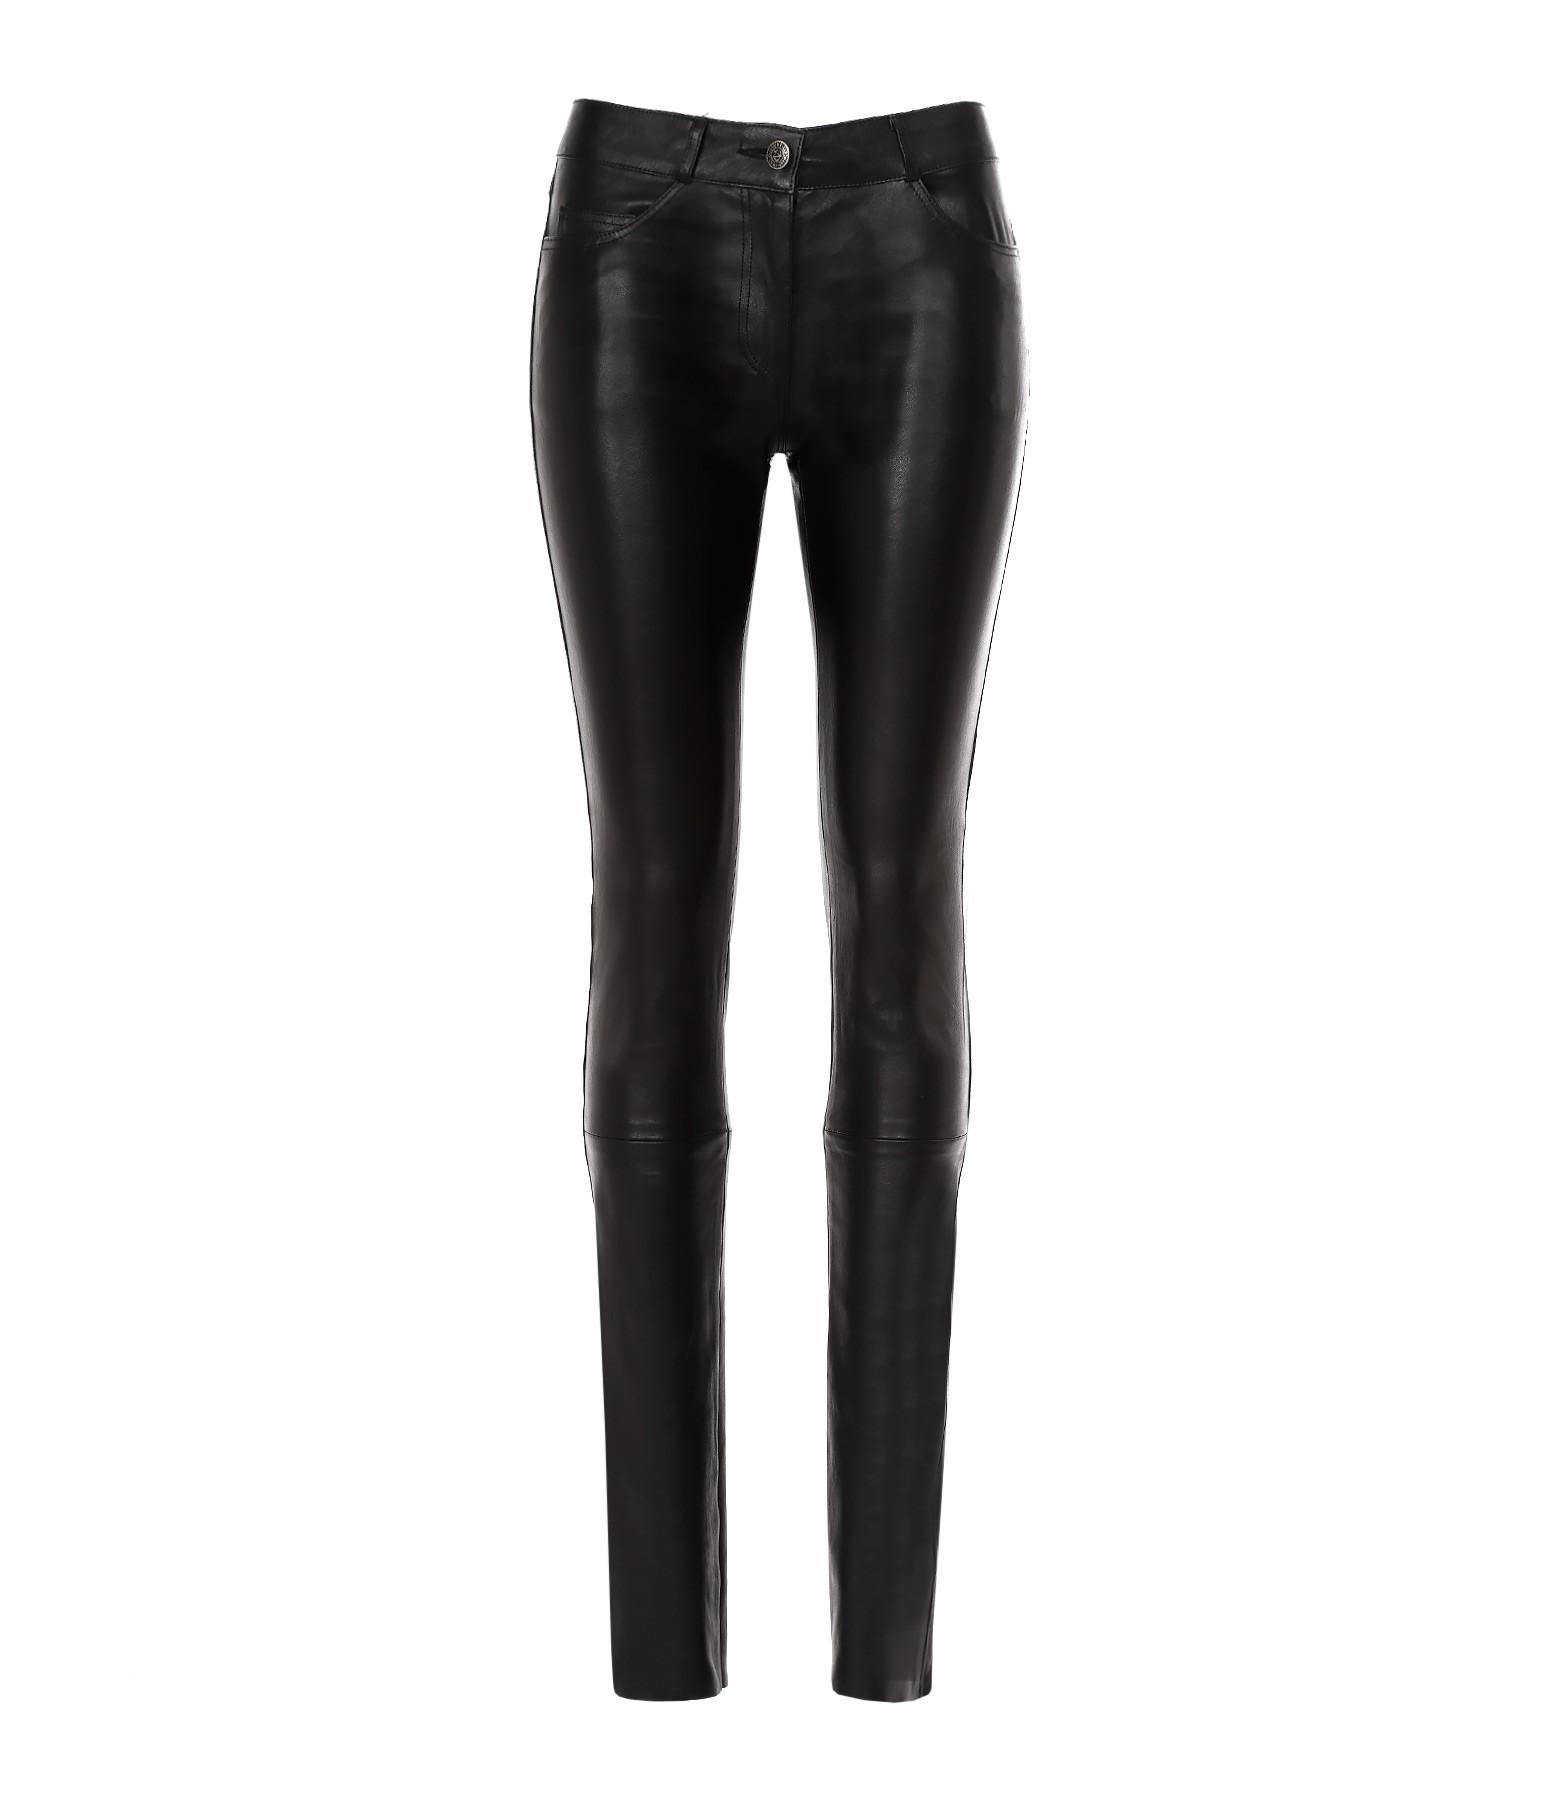 e1e2ed40ce60 Pantalon Agnes Agneau Stretch Noir - VENTCOUVERT